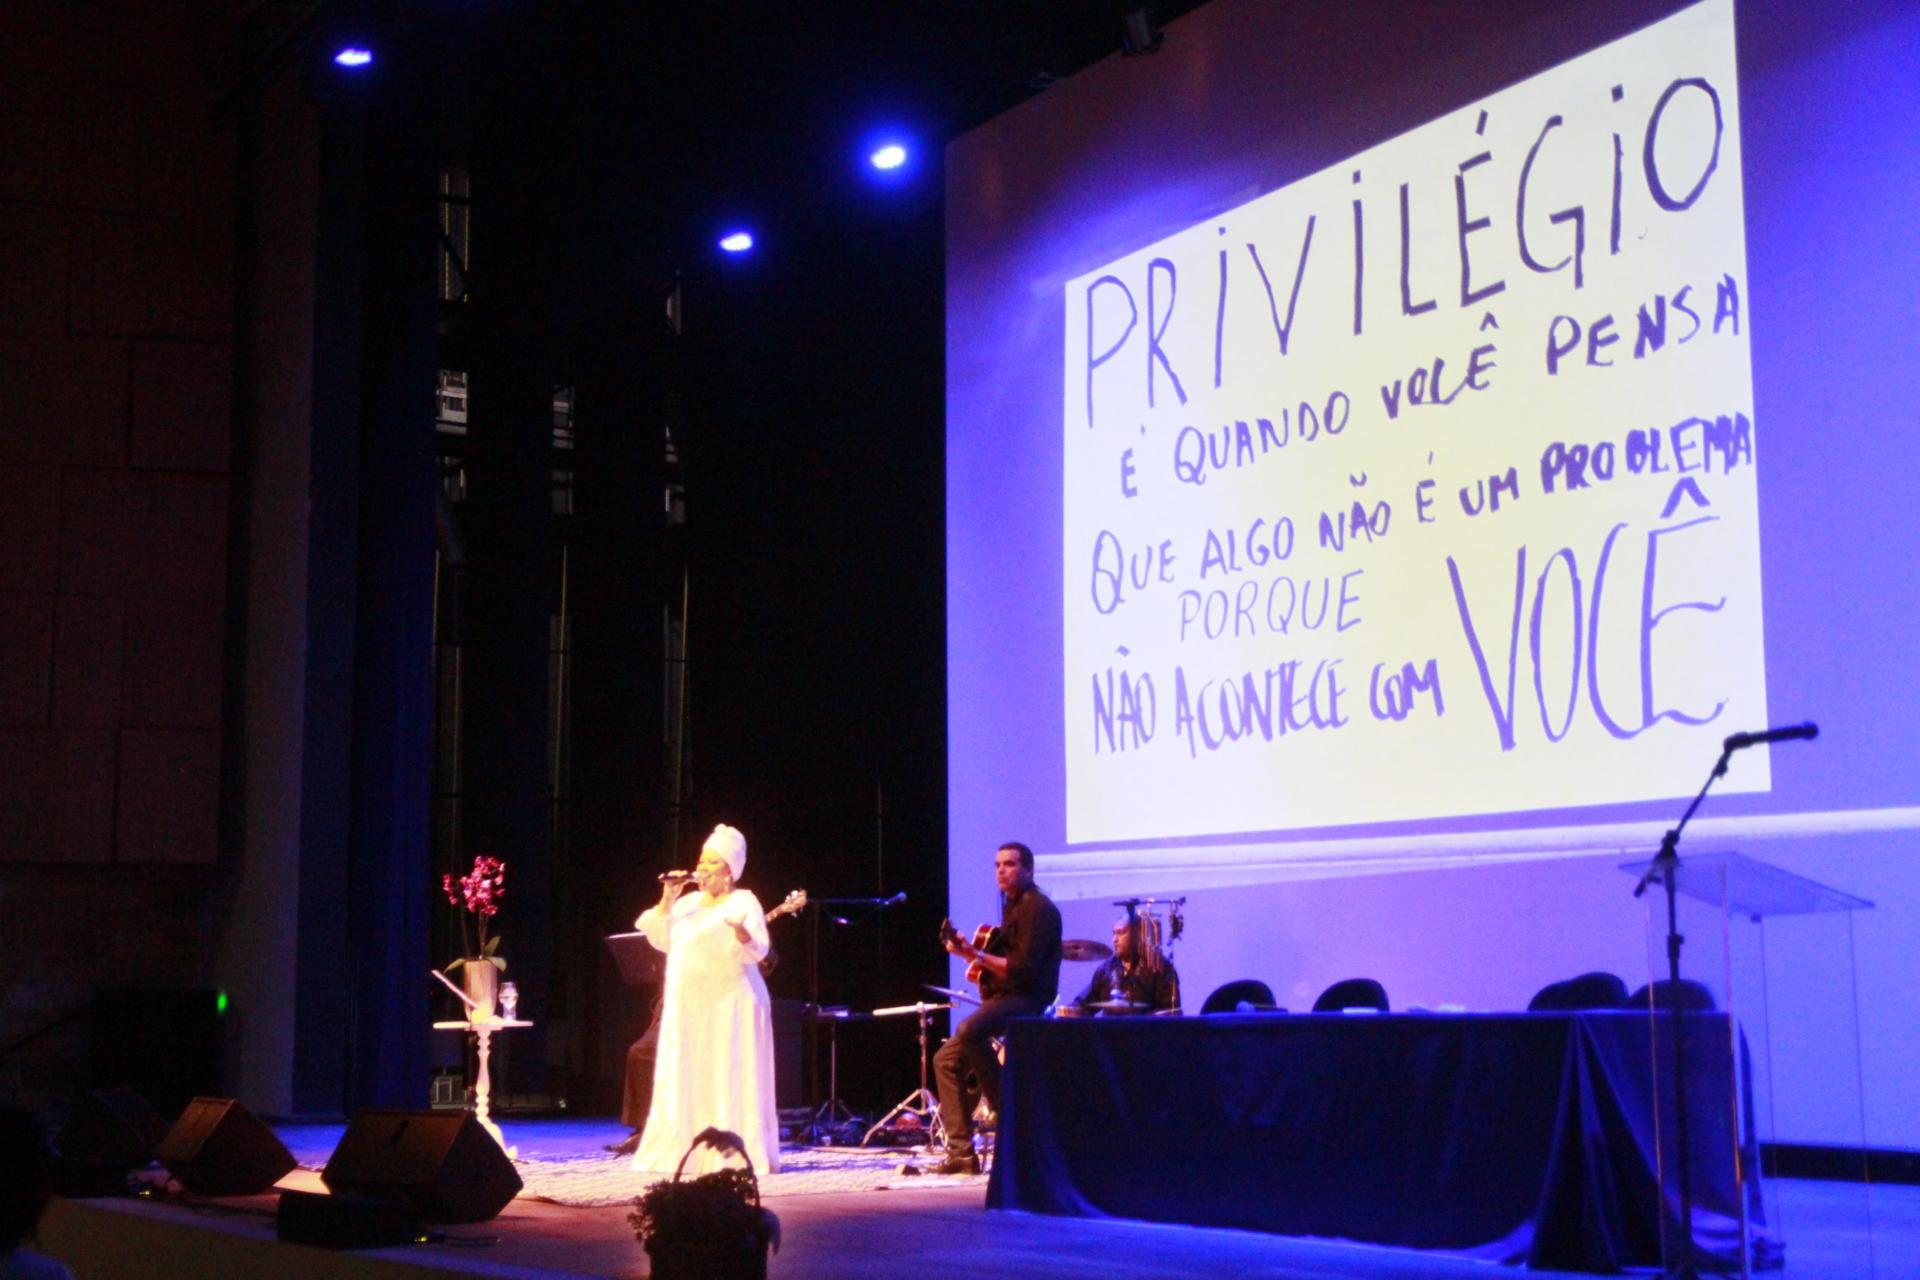 Mulher cantando e atrás, no telão, uma frase sobre privilégio